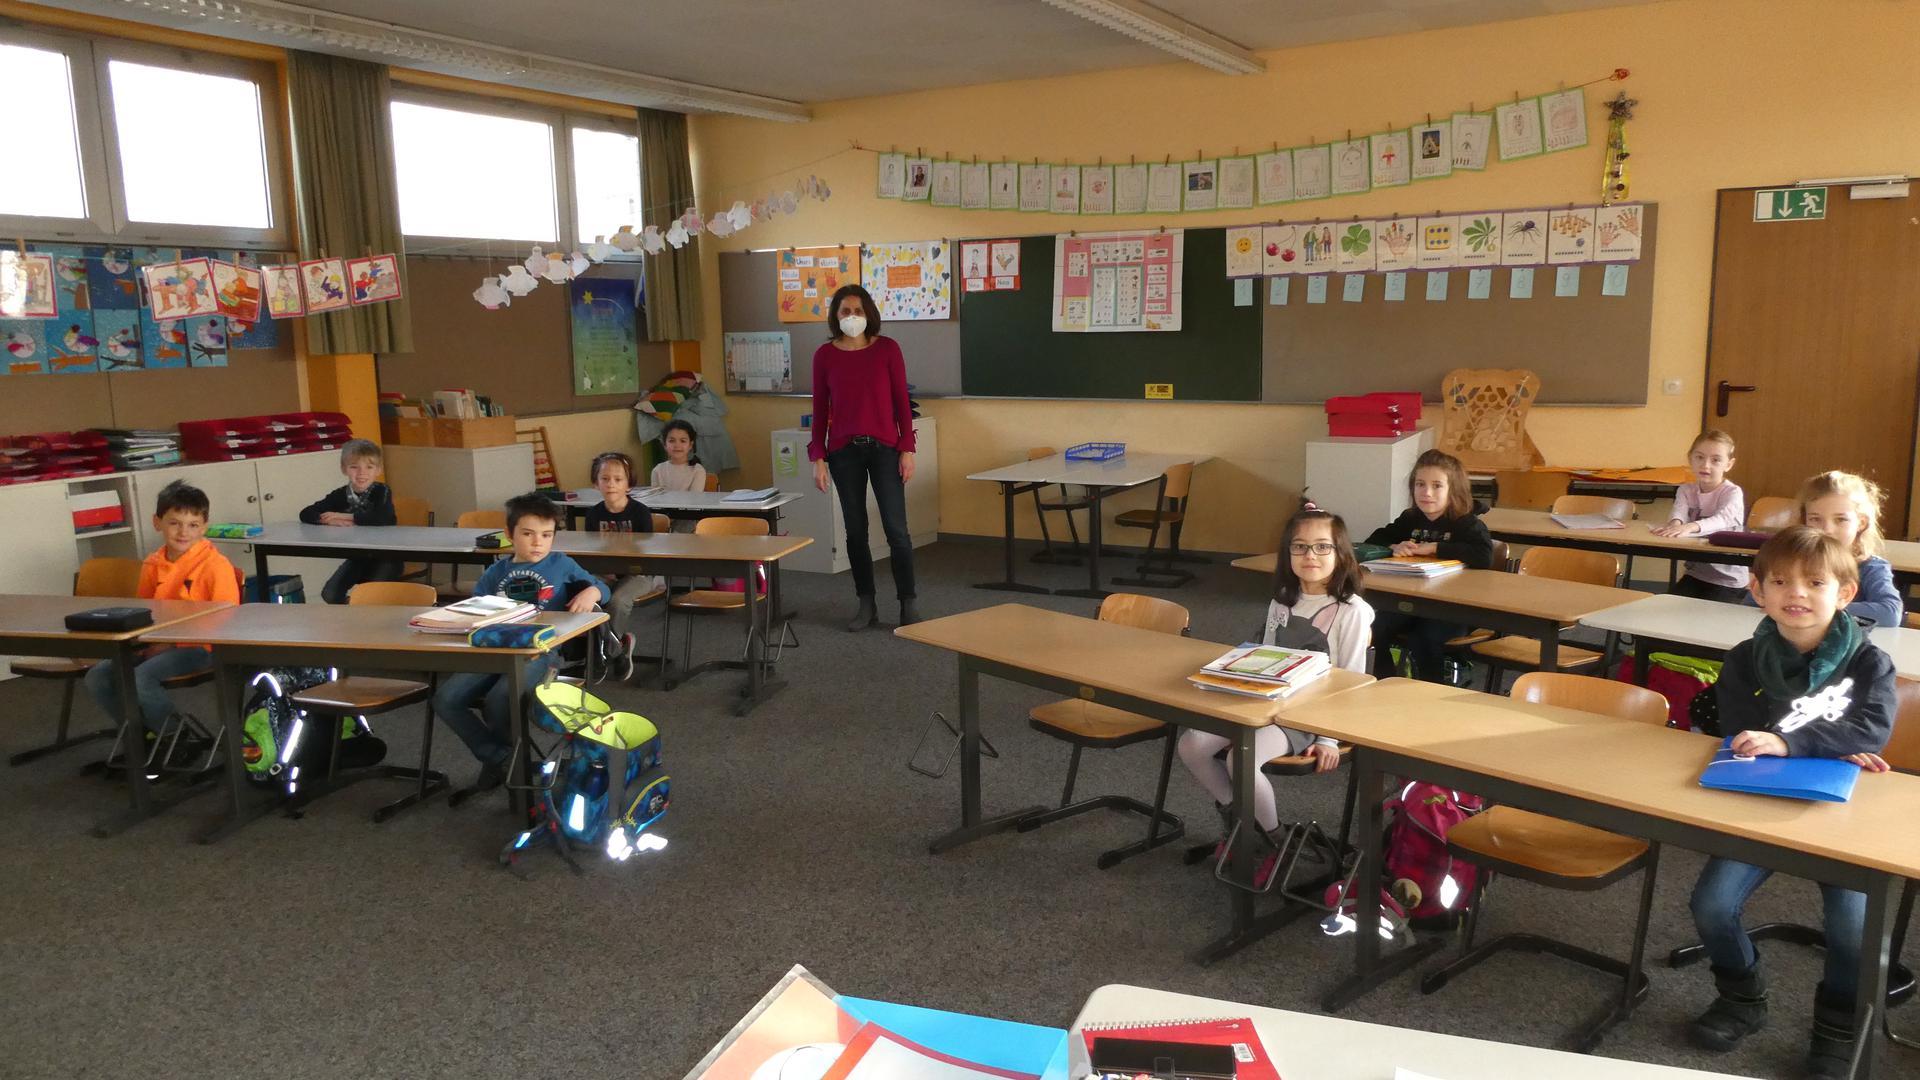 Froh über den Neubeginn trotz ungewisser Perspektiven: Die Kinder der Klasse 1b der Blanc-und-Fischer-Schule in Sulzfeld mit Klassenlehrerin Anke Erb.